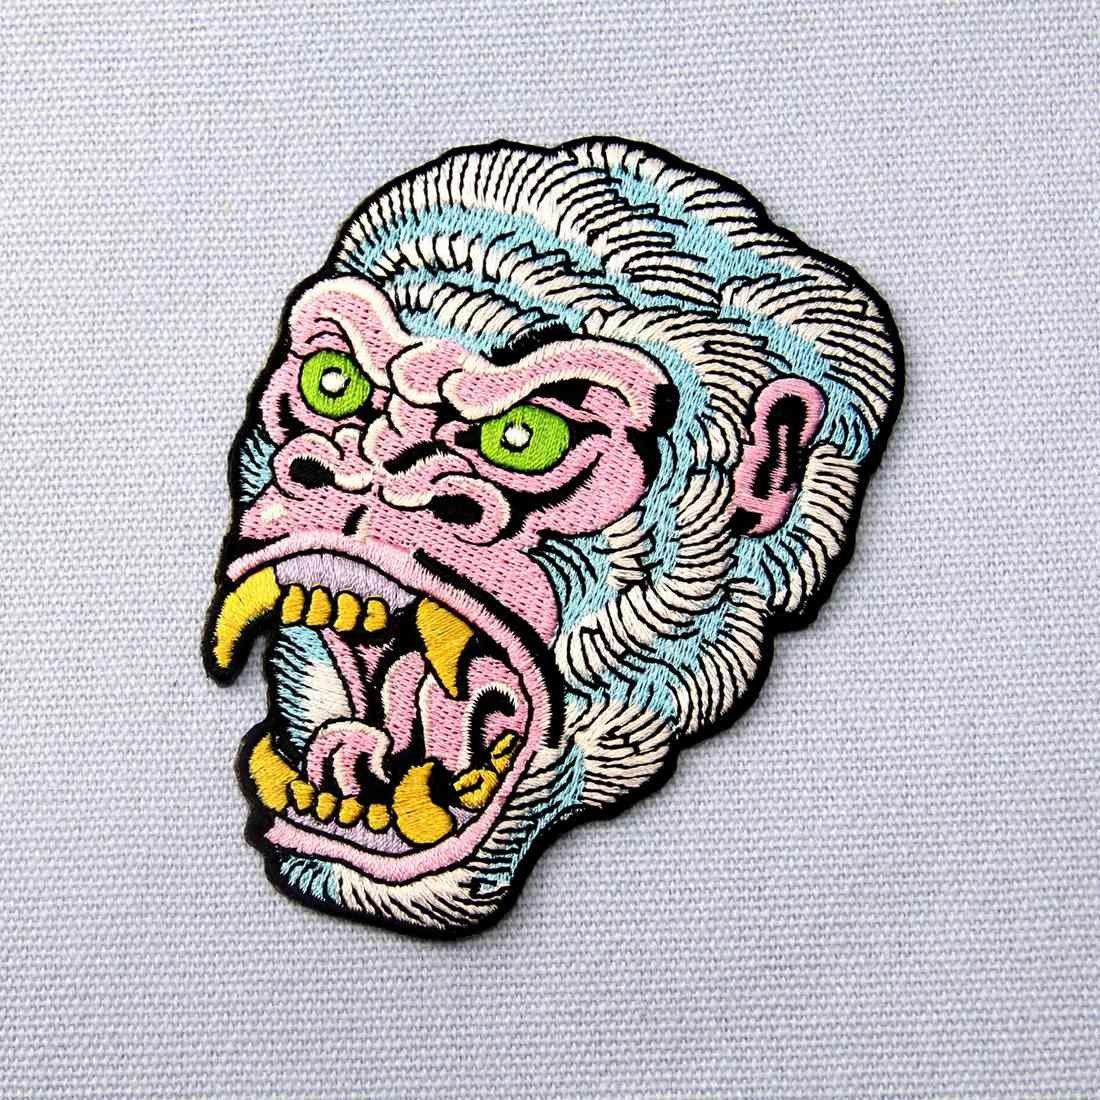 Parche termoadhesivo para la ropa, diseño de El gorila rugiente: Amazon.es: Hogar